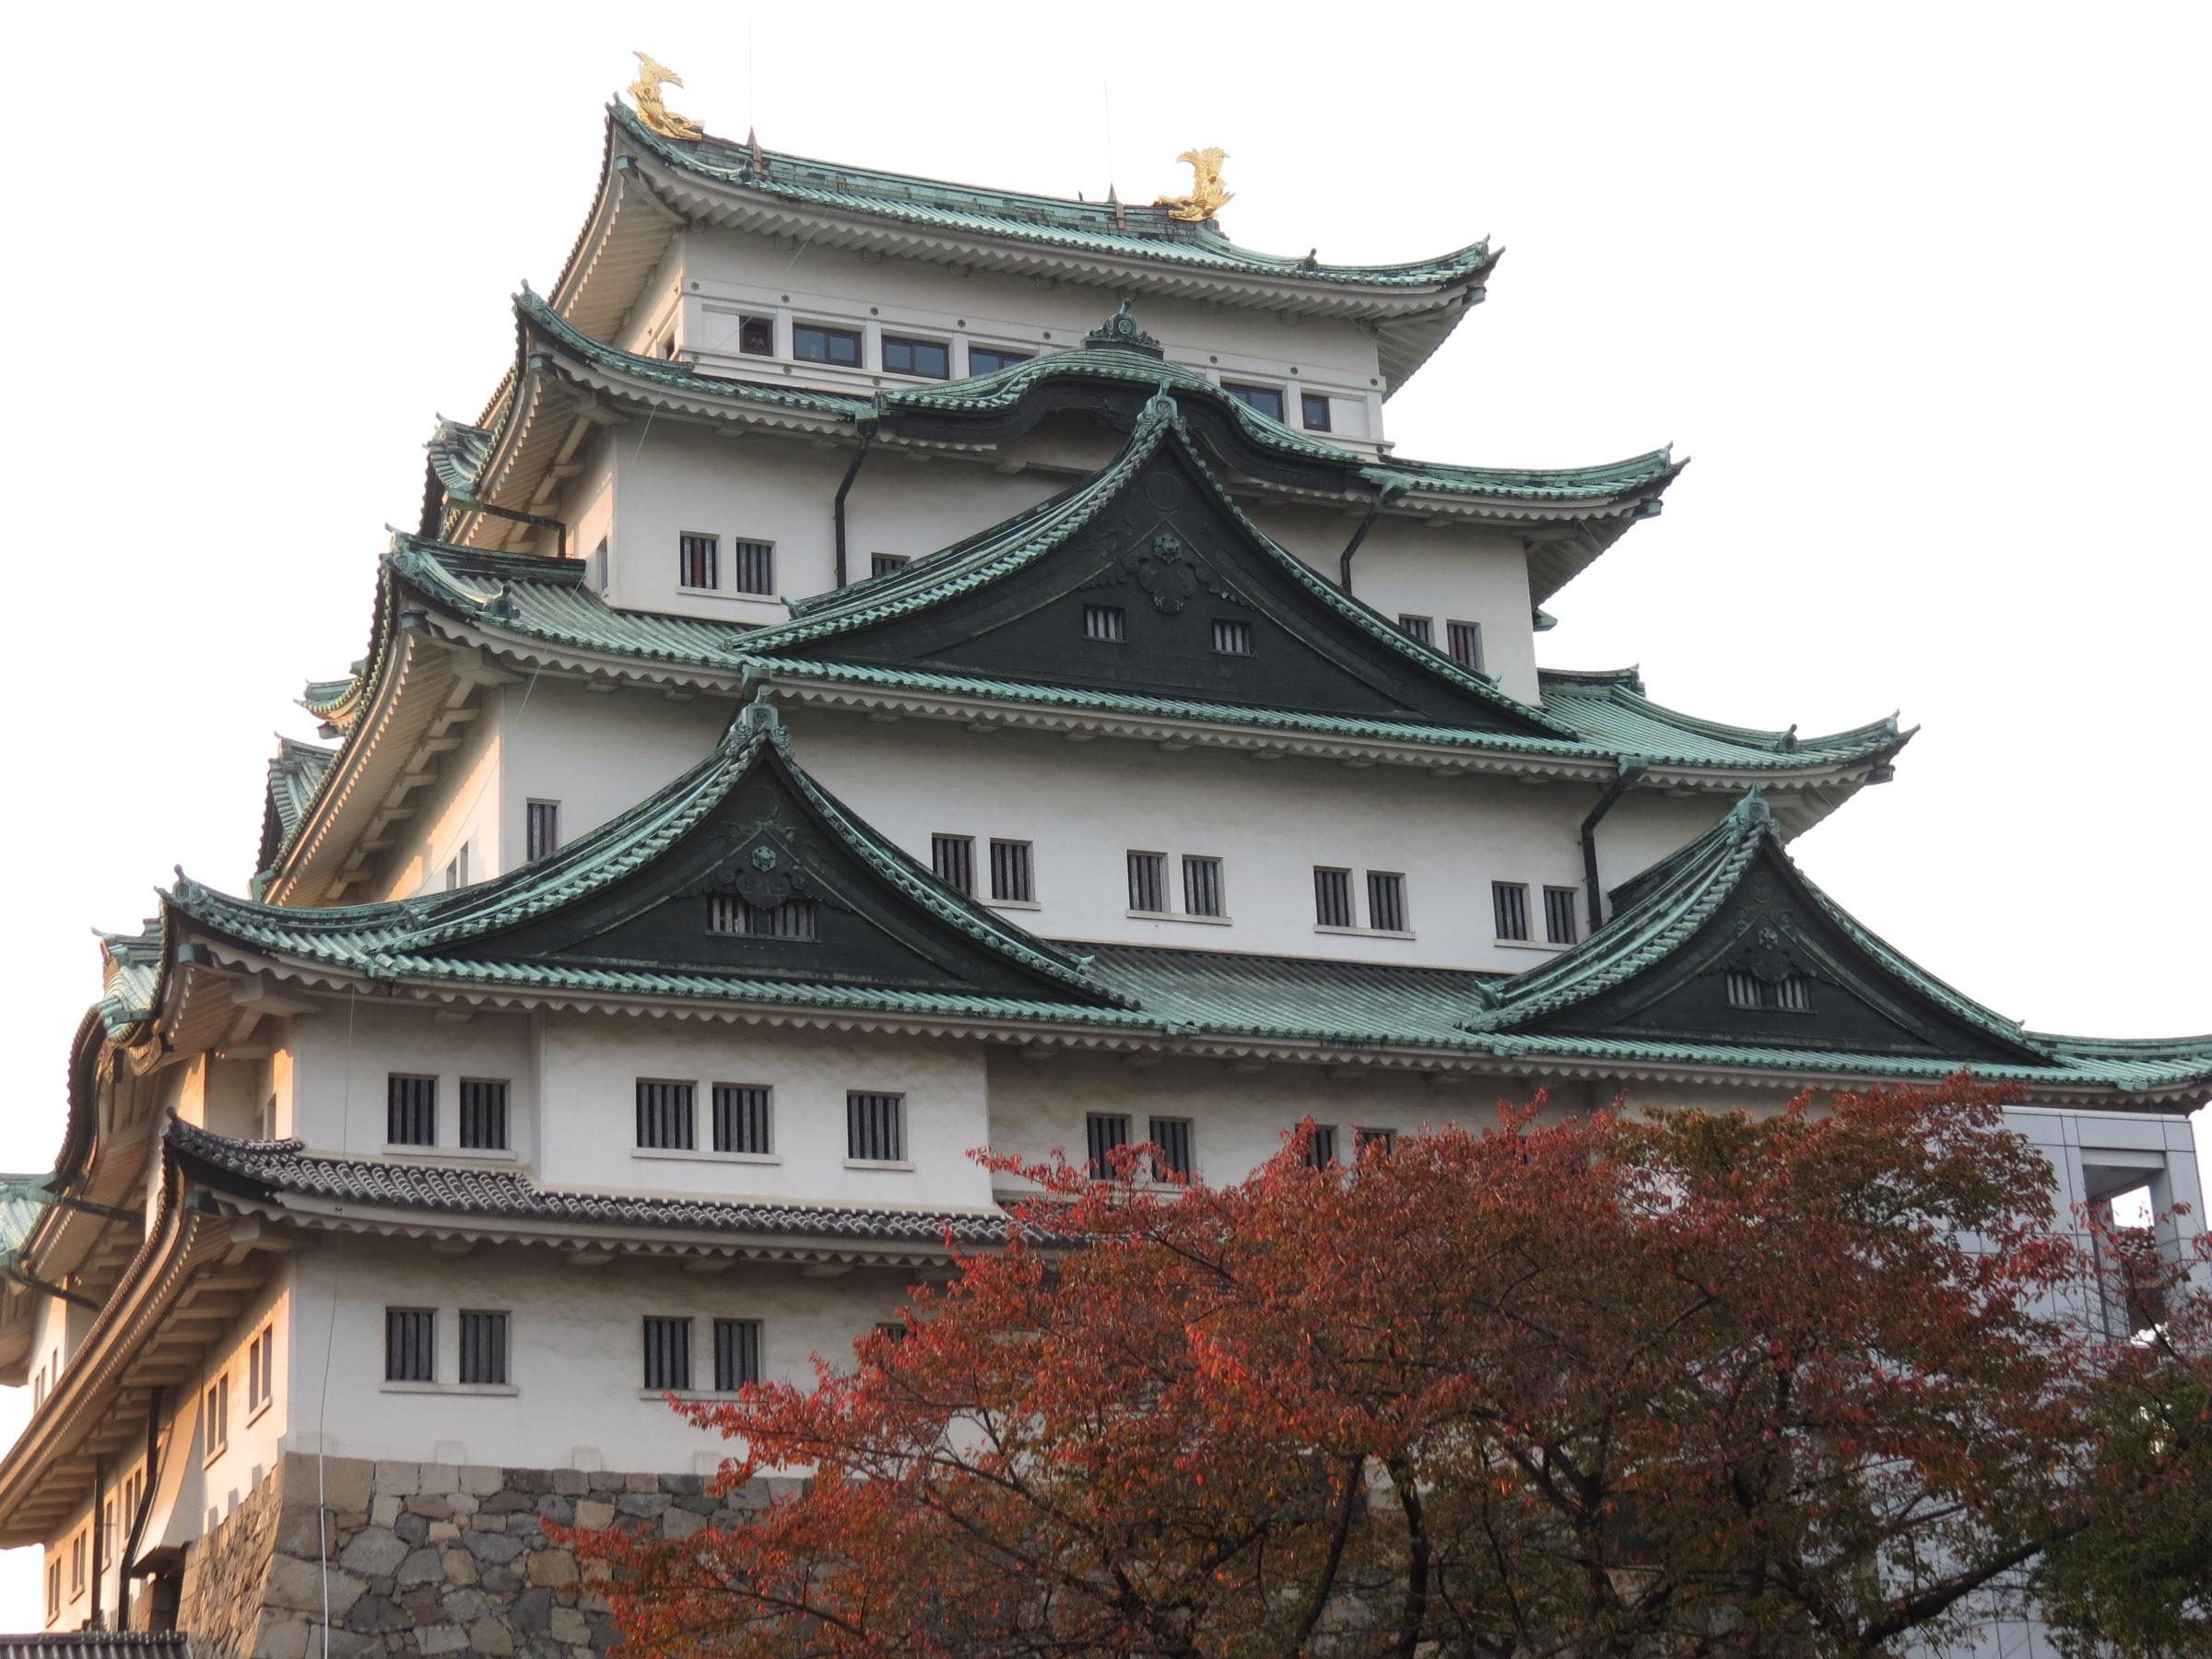 10 Things to do in Nagoya, Japan 10